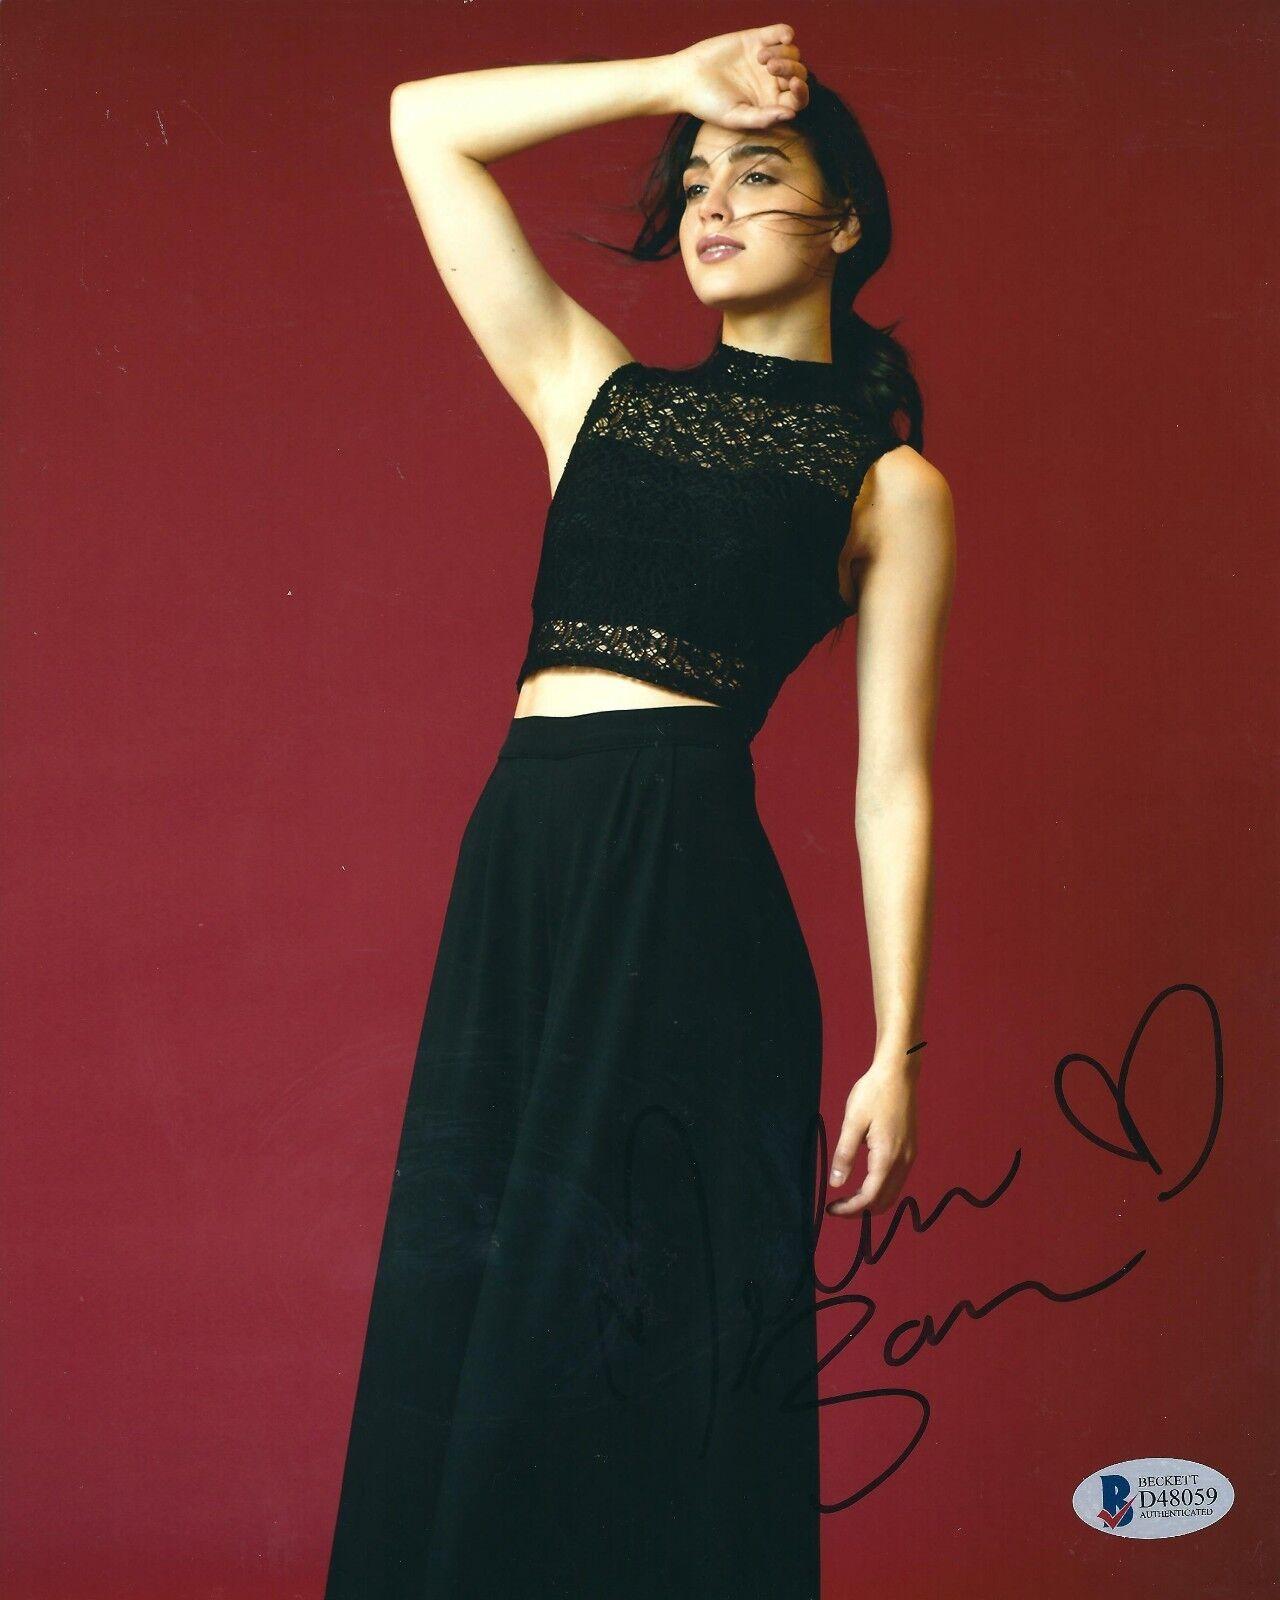 Melissa Barrera Signed 8x10 Photo Beckett BAS D48059